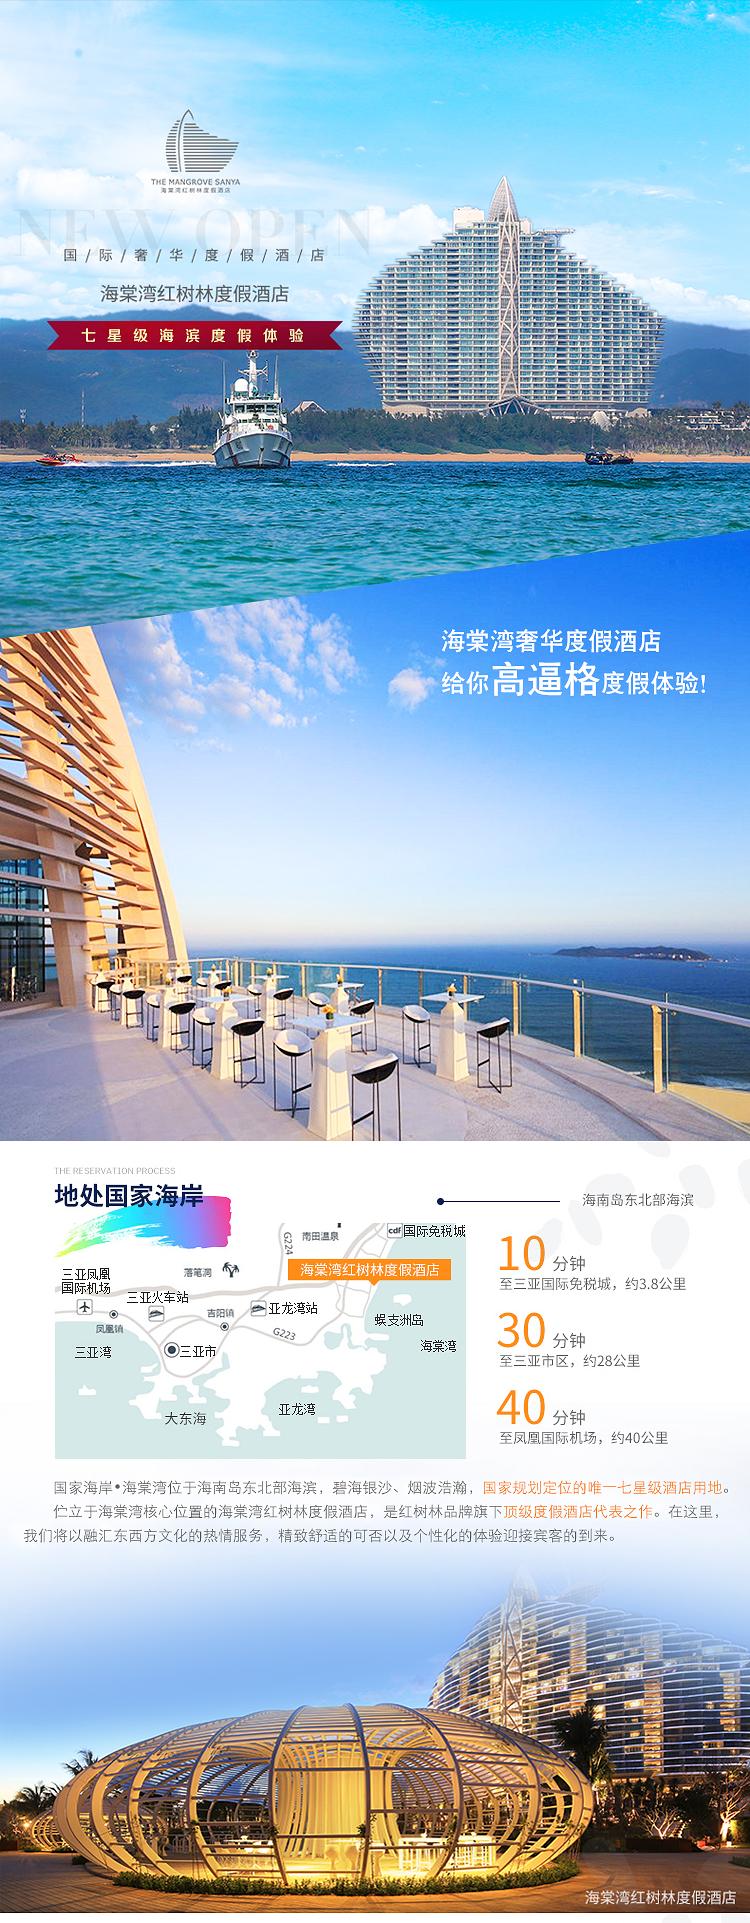 迪拜帆船酒店一脉相传 海棠湾新地标 升级入住三亚湾